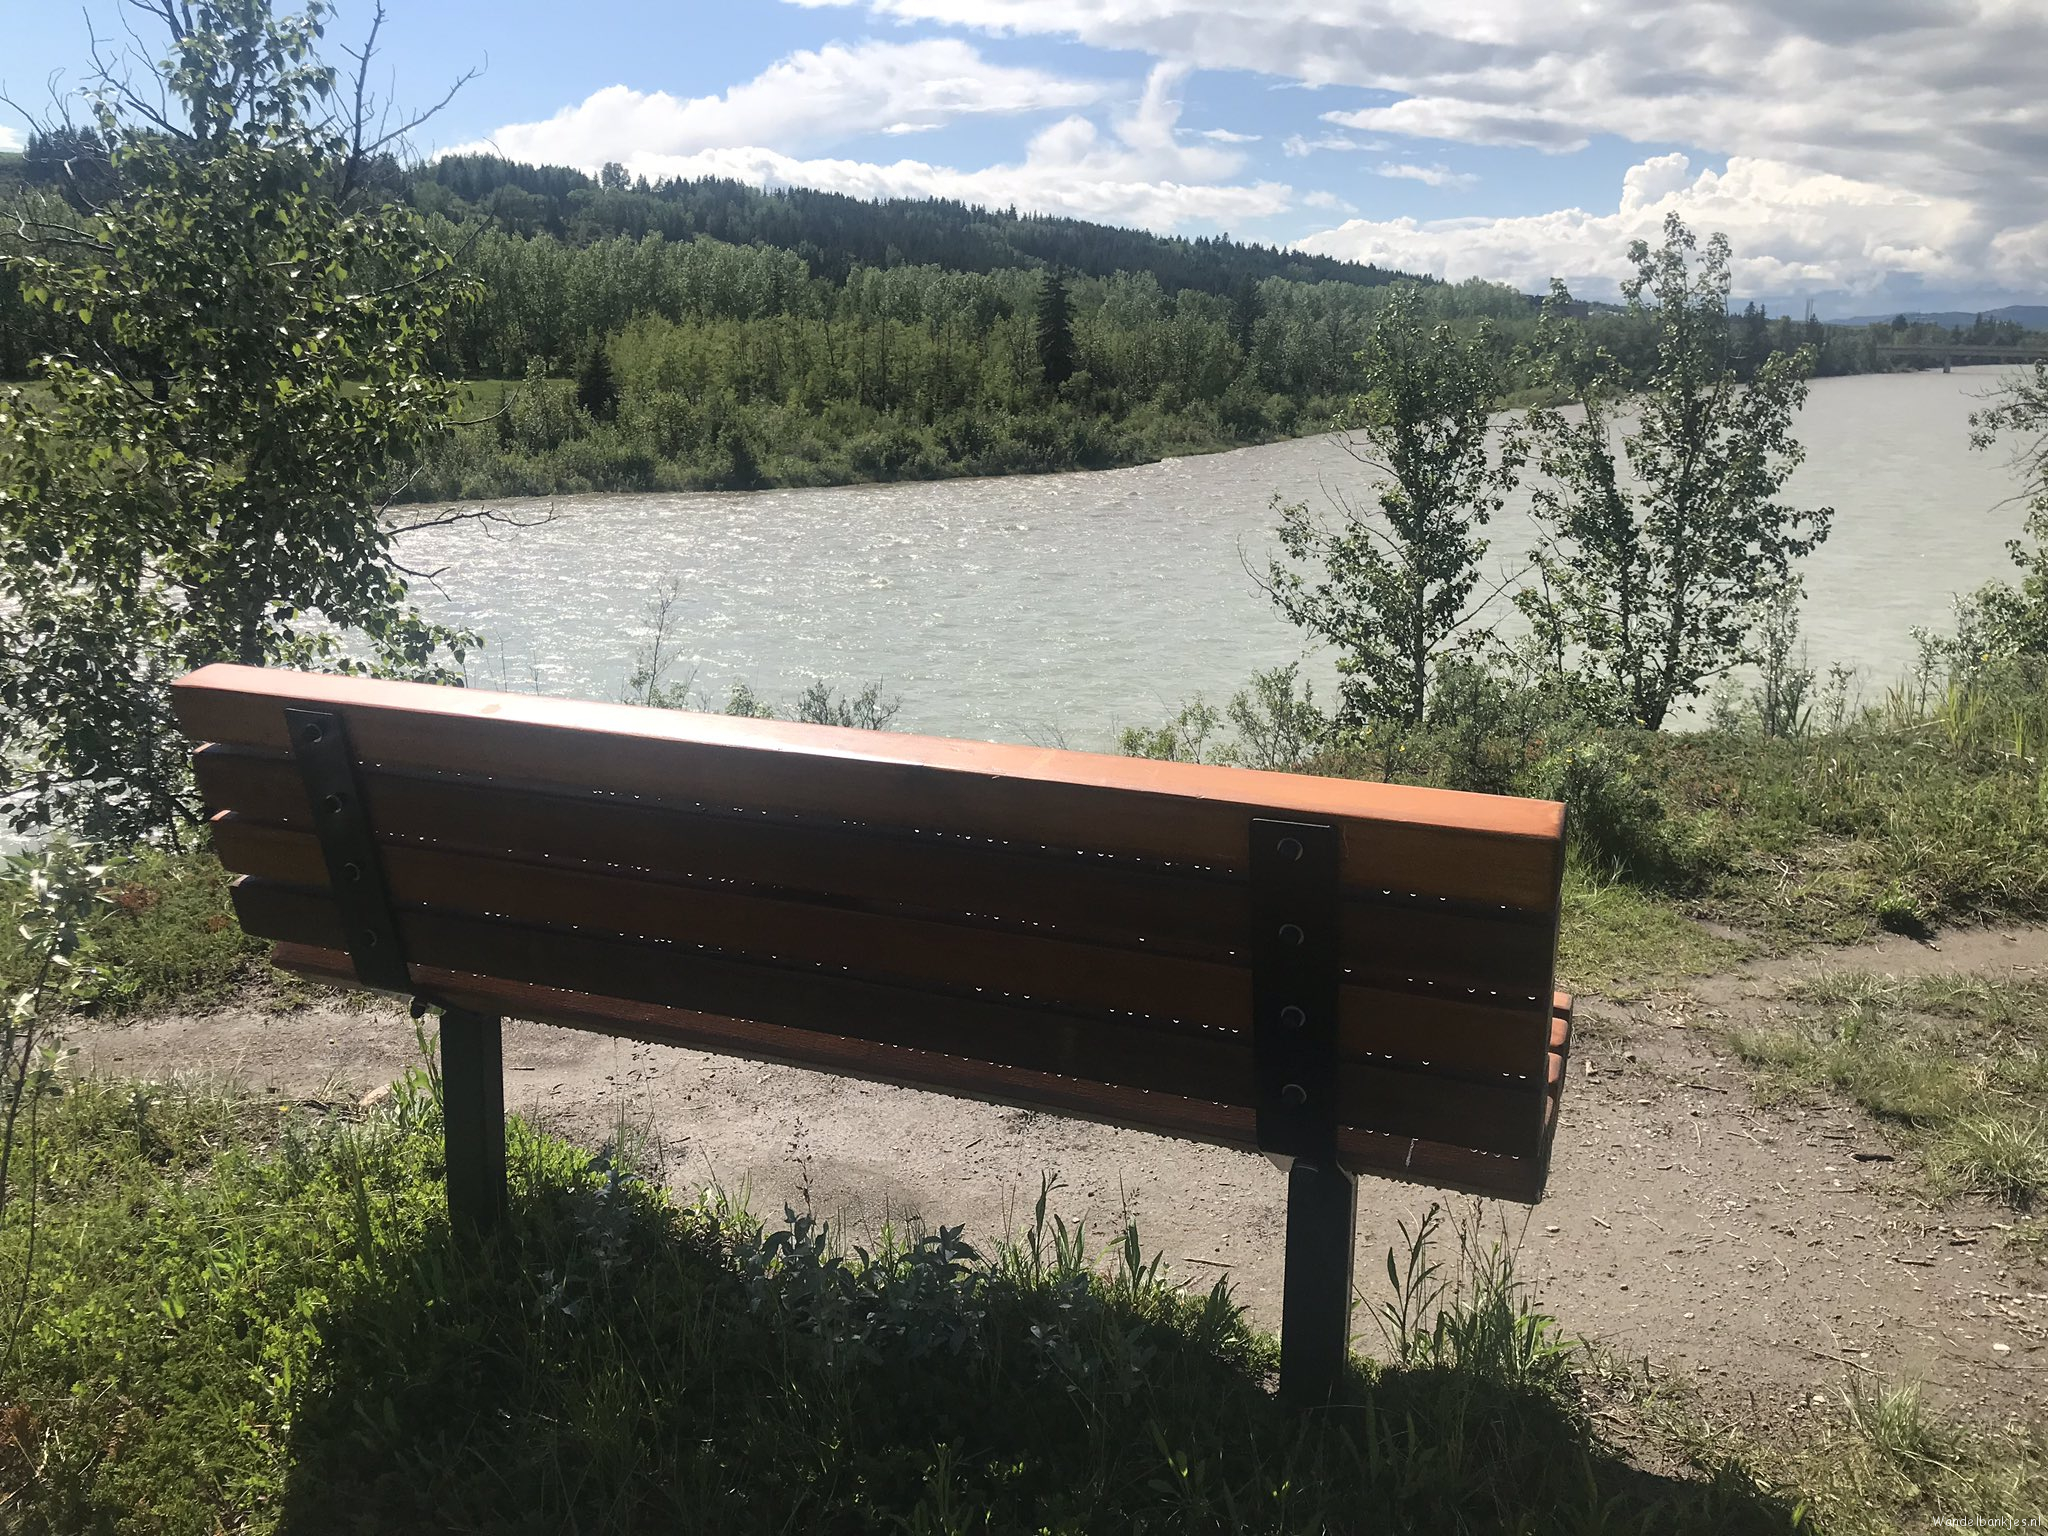 rt-peterboomsma-voor-wandelbankjes-aan-de-wild-stromende-river-bow-in-canada-cochrane-alberta-https-t-co-iukpqip6mg